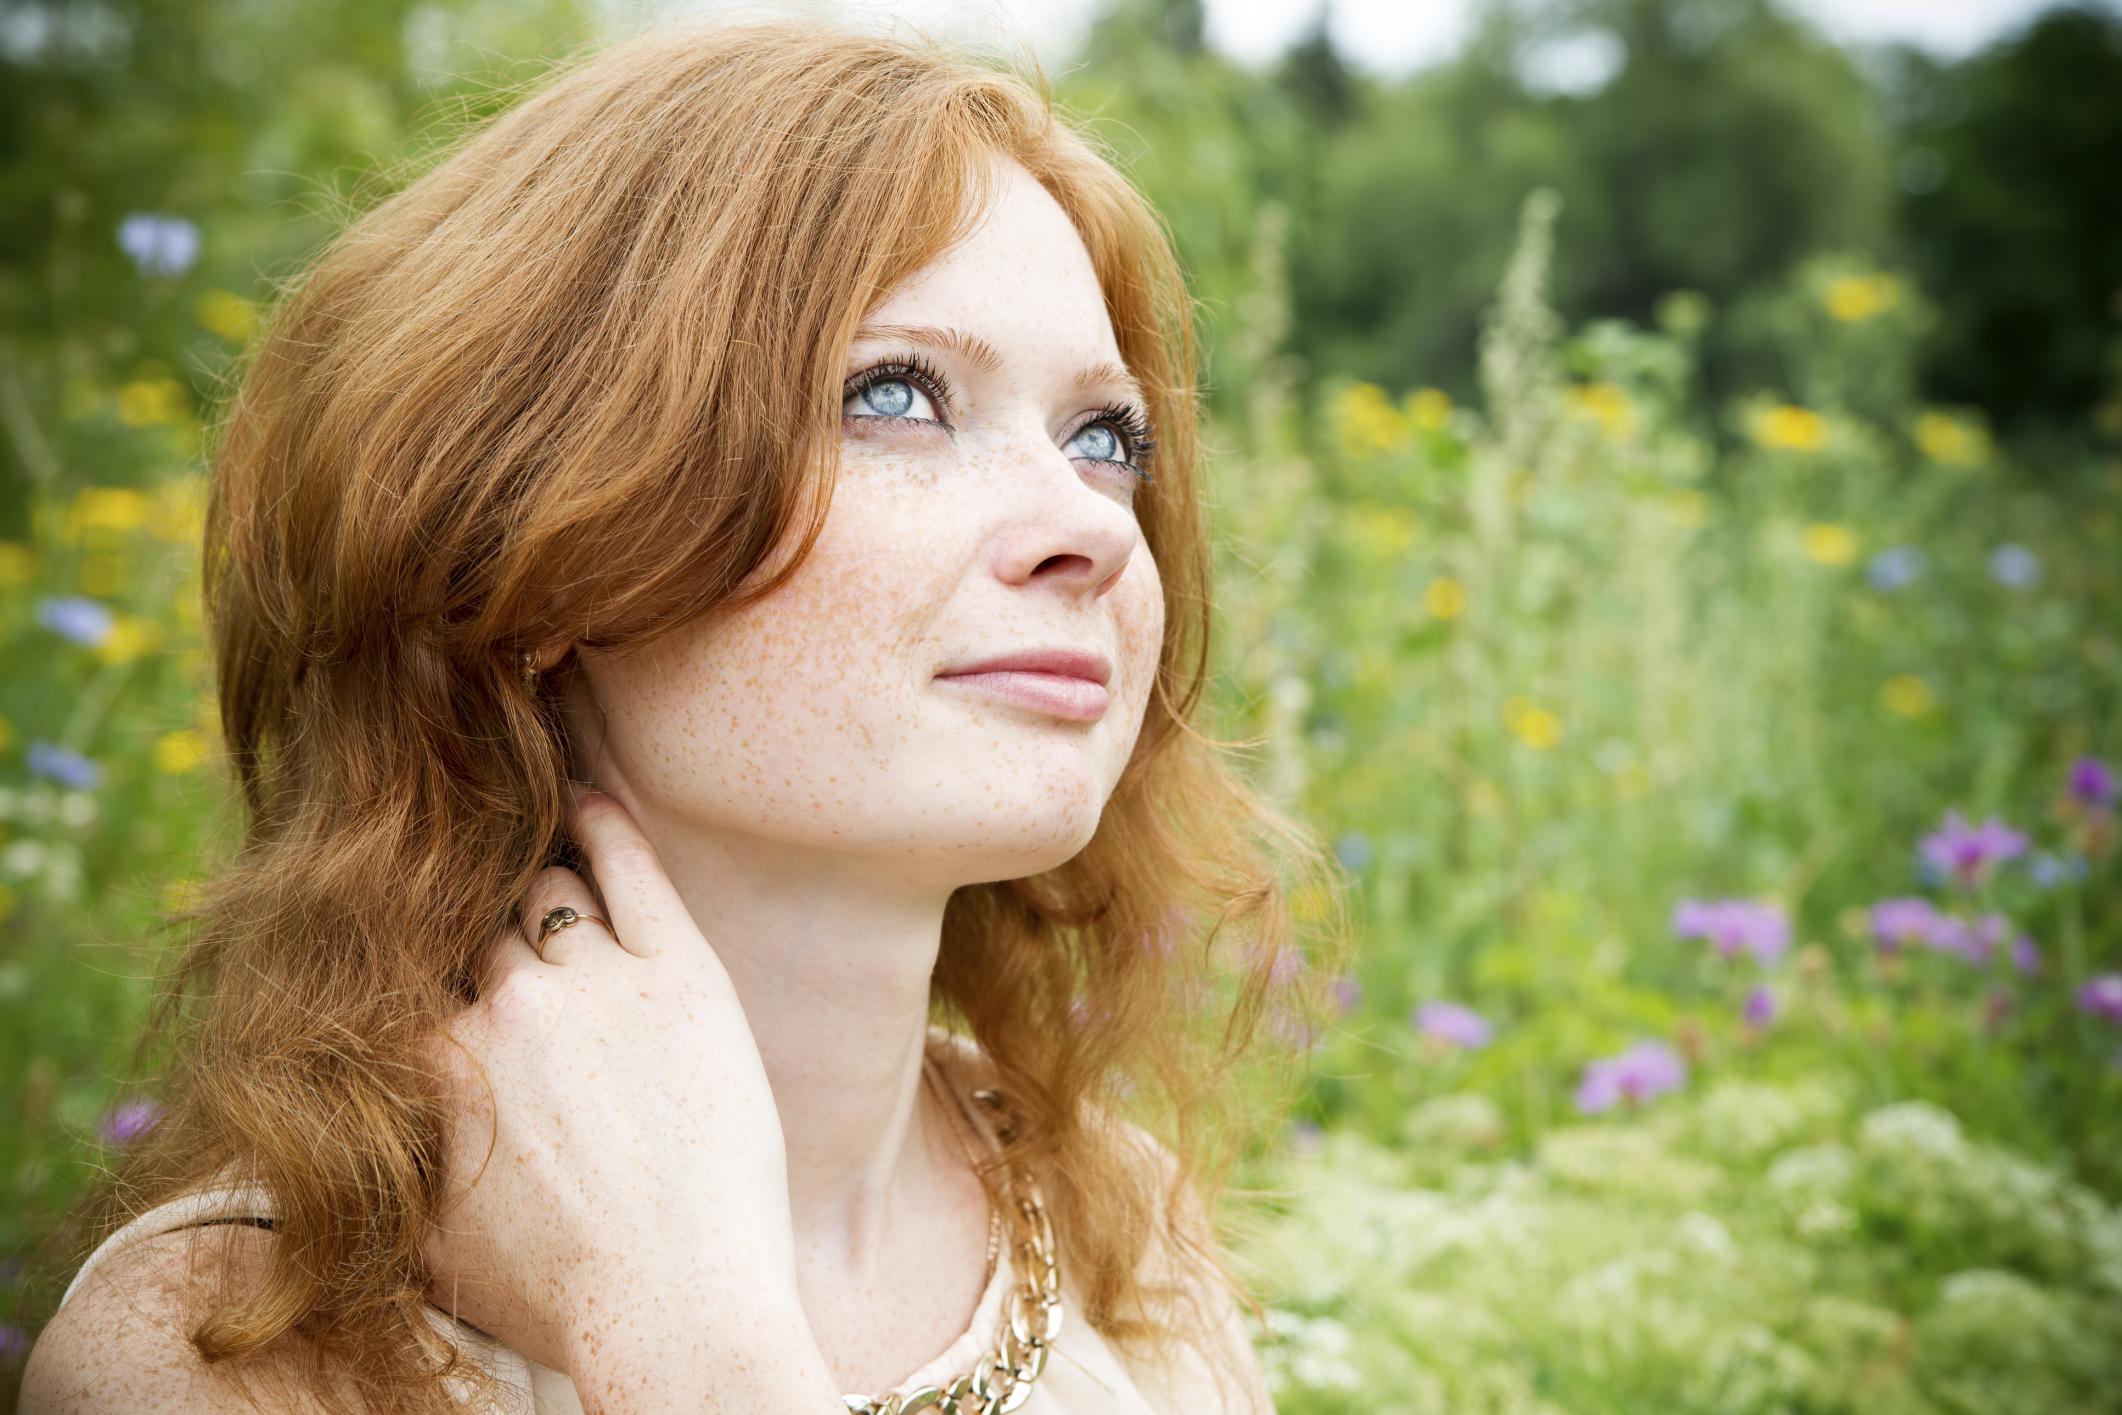 Skin Care Advice for Redheads   LIVESTRONG.COM